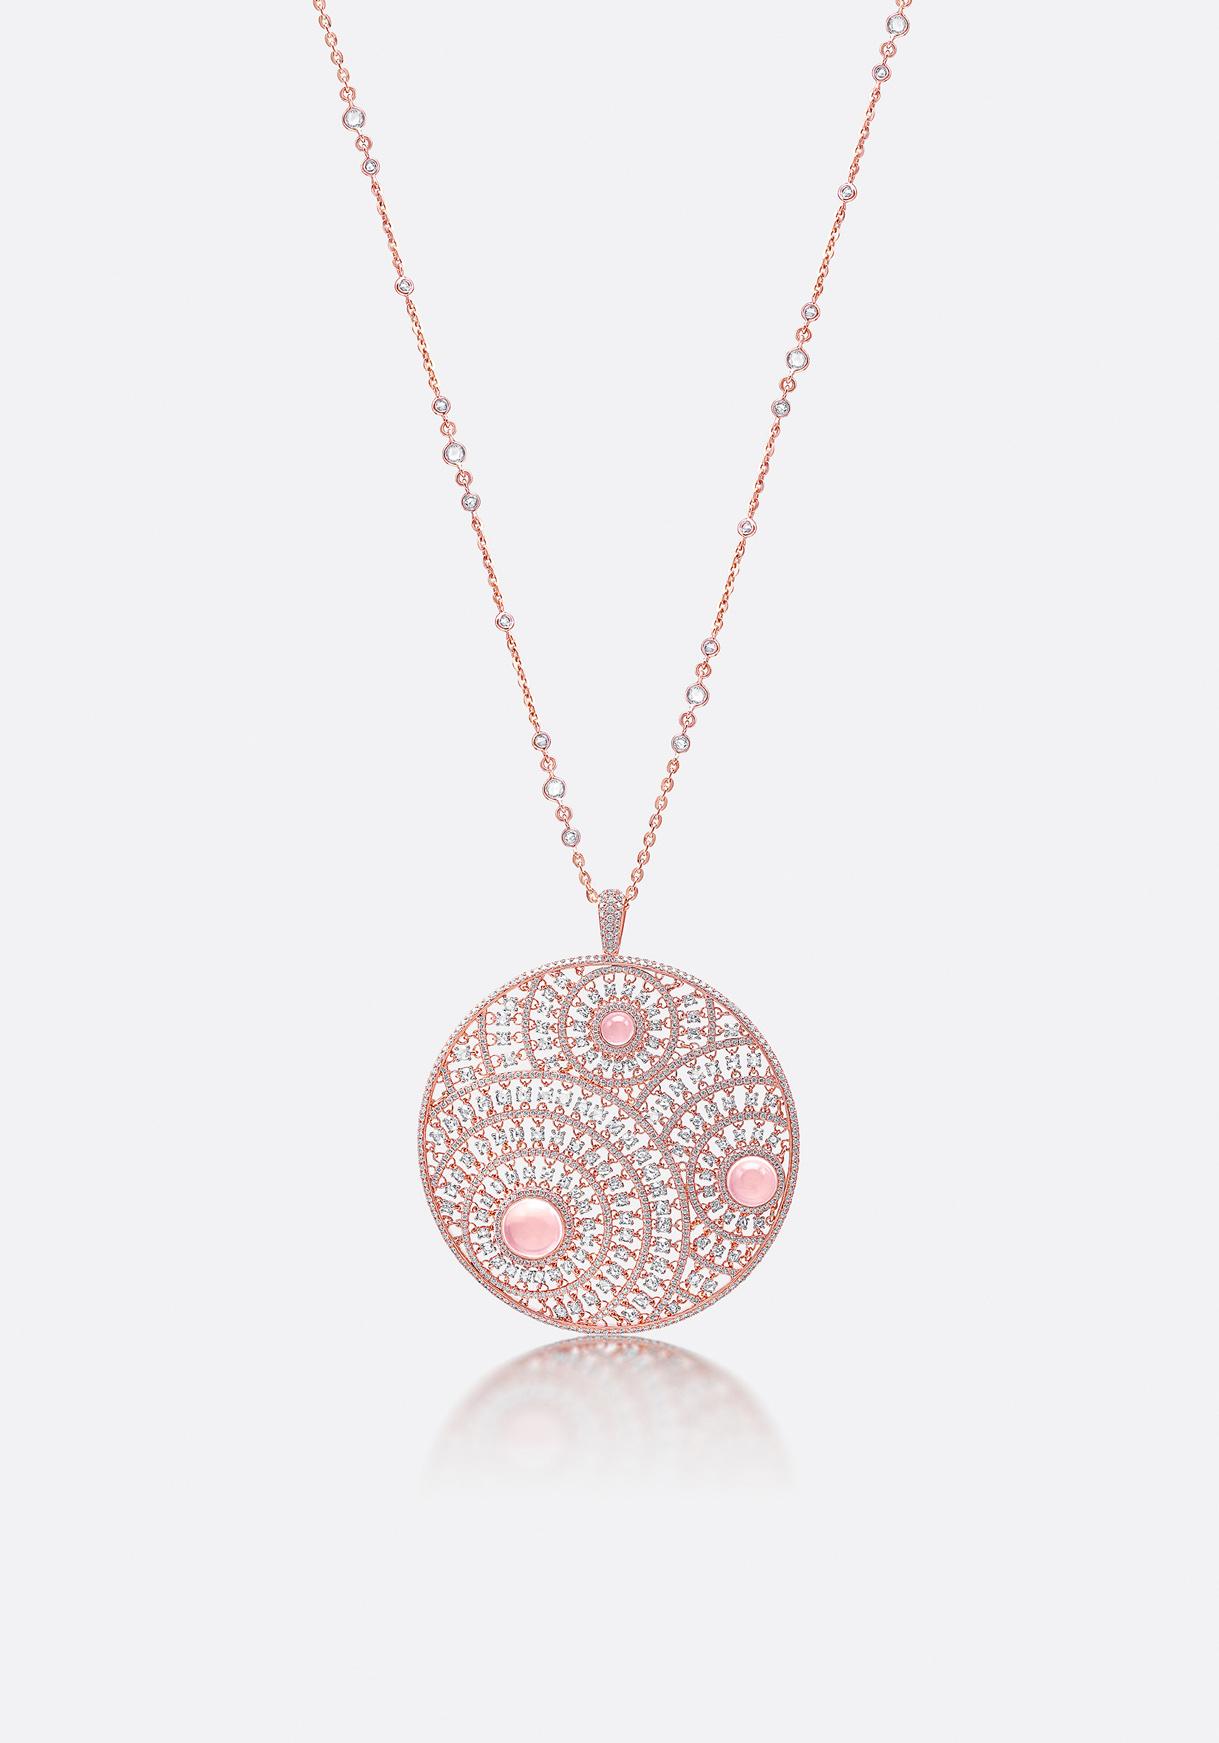 Diamonds are patterned around elegant, centred rose quartzes.